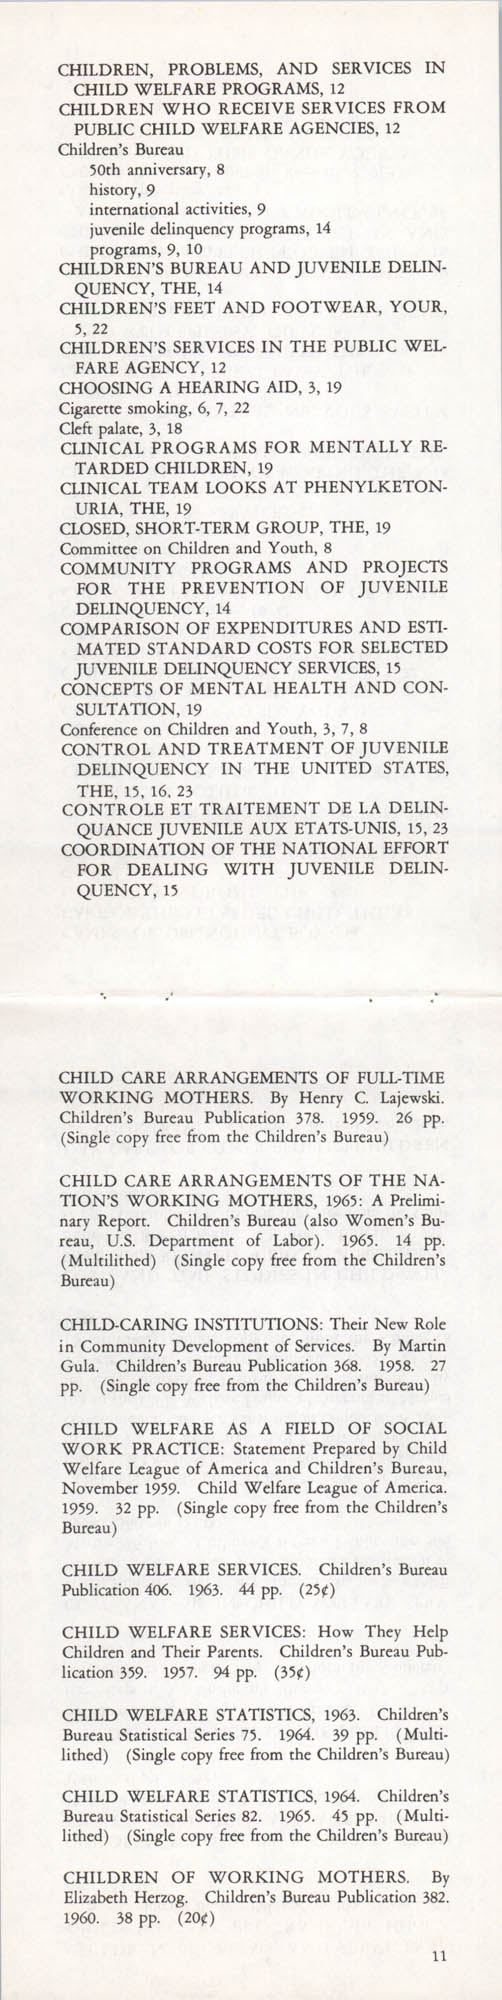 Publications of the Children's Bureau, Page 11